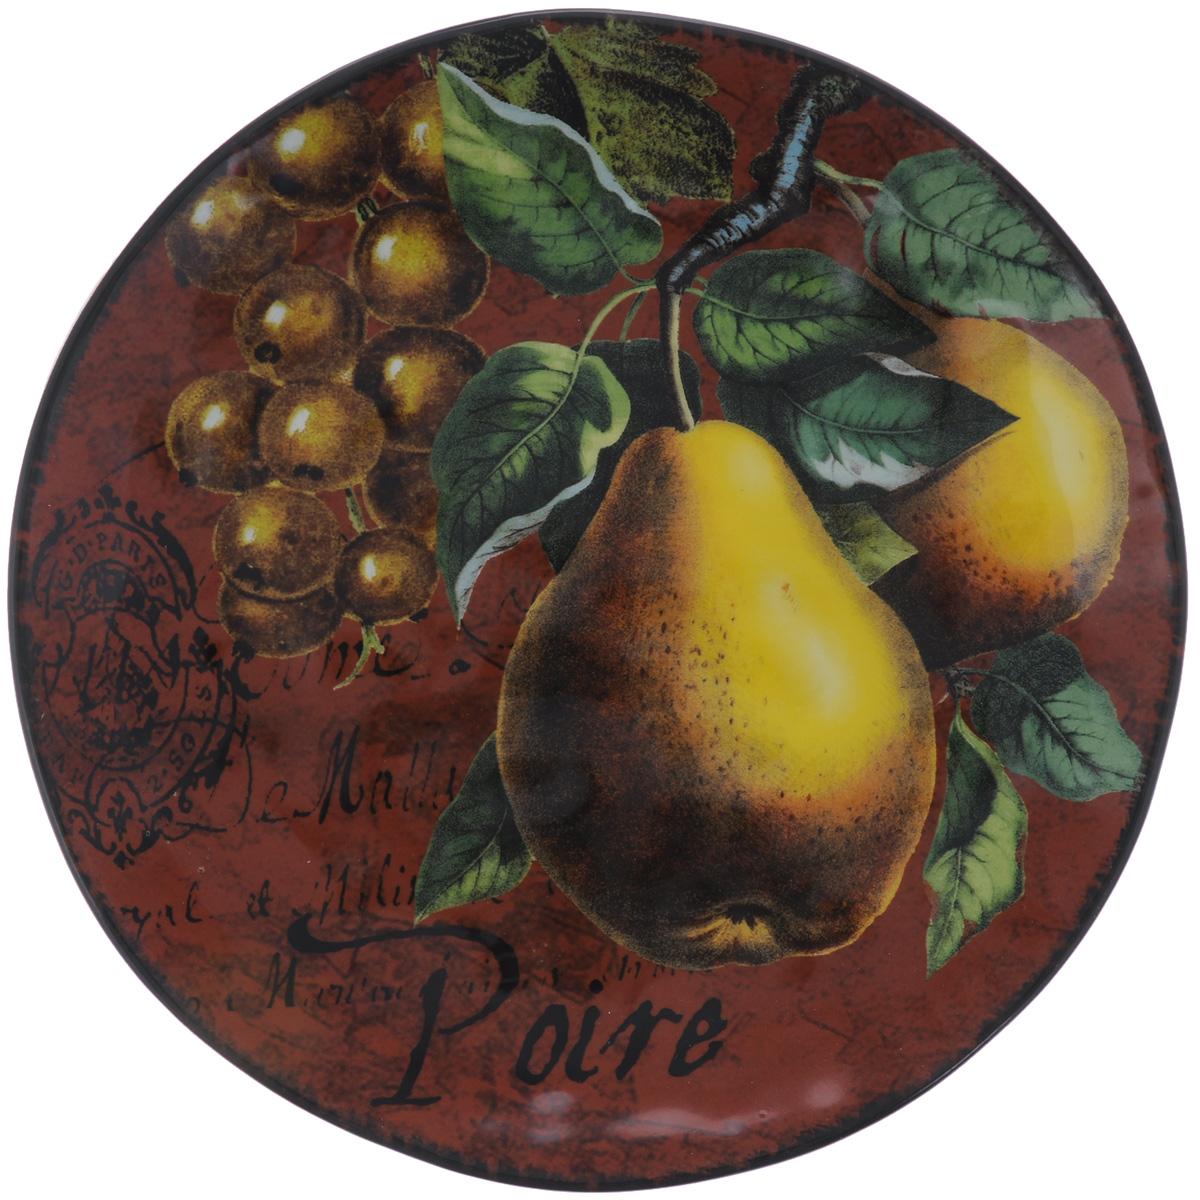 Тарелка десертная Certified International Груши, диаметр 22 смFS-91909Десертная тарелка Certified International Груши, изготовленная из высококачественной керамики, декорирована изящным рисунком. Она подойдет как для торжественных случаев, так и для повседневного использования. Тарелка Certified International Груши идеальна для подачи десертов, пирожных, тортов и многого другого. Она прекрасно оформит стол и станет отличным дополнением к вашей коллекции кухонной посуды. Диаметр тарелки (по верхнему краю): 22 см.